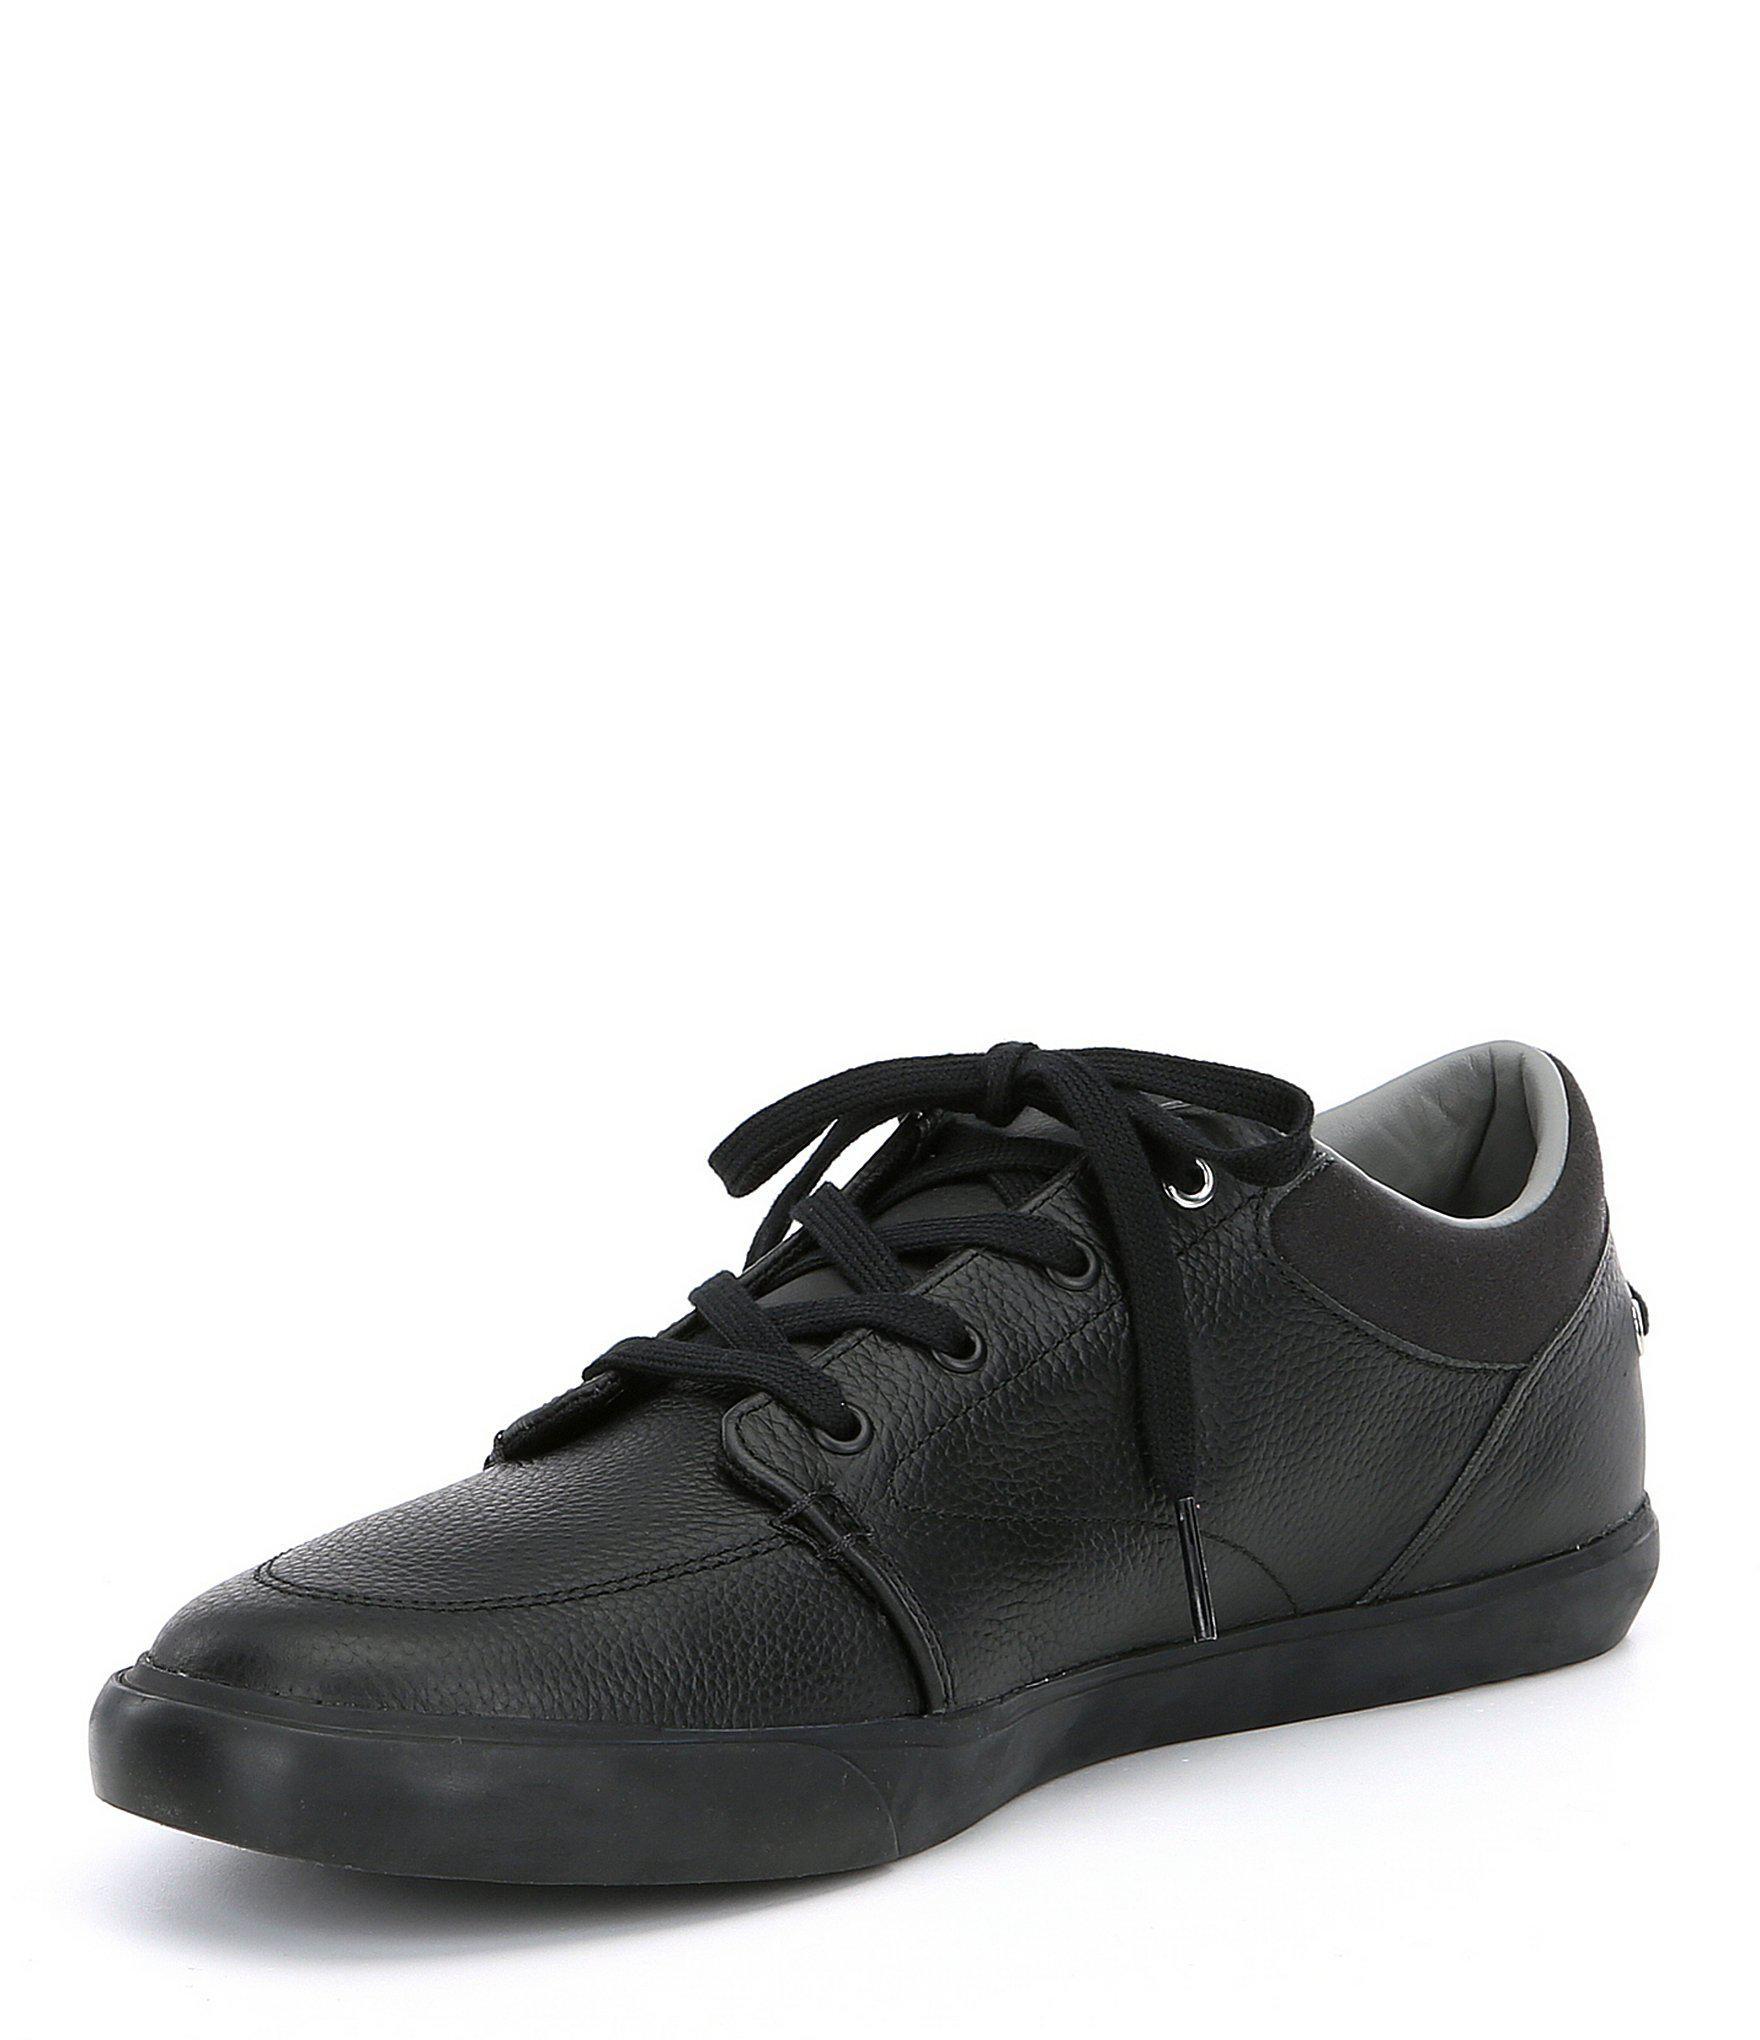 3d65707ce Lyst - Lacoste Men s Bayliss 118 Sneakers in Black for Men